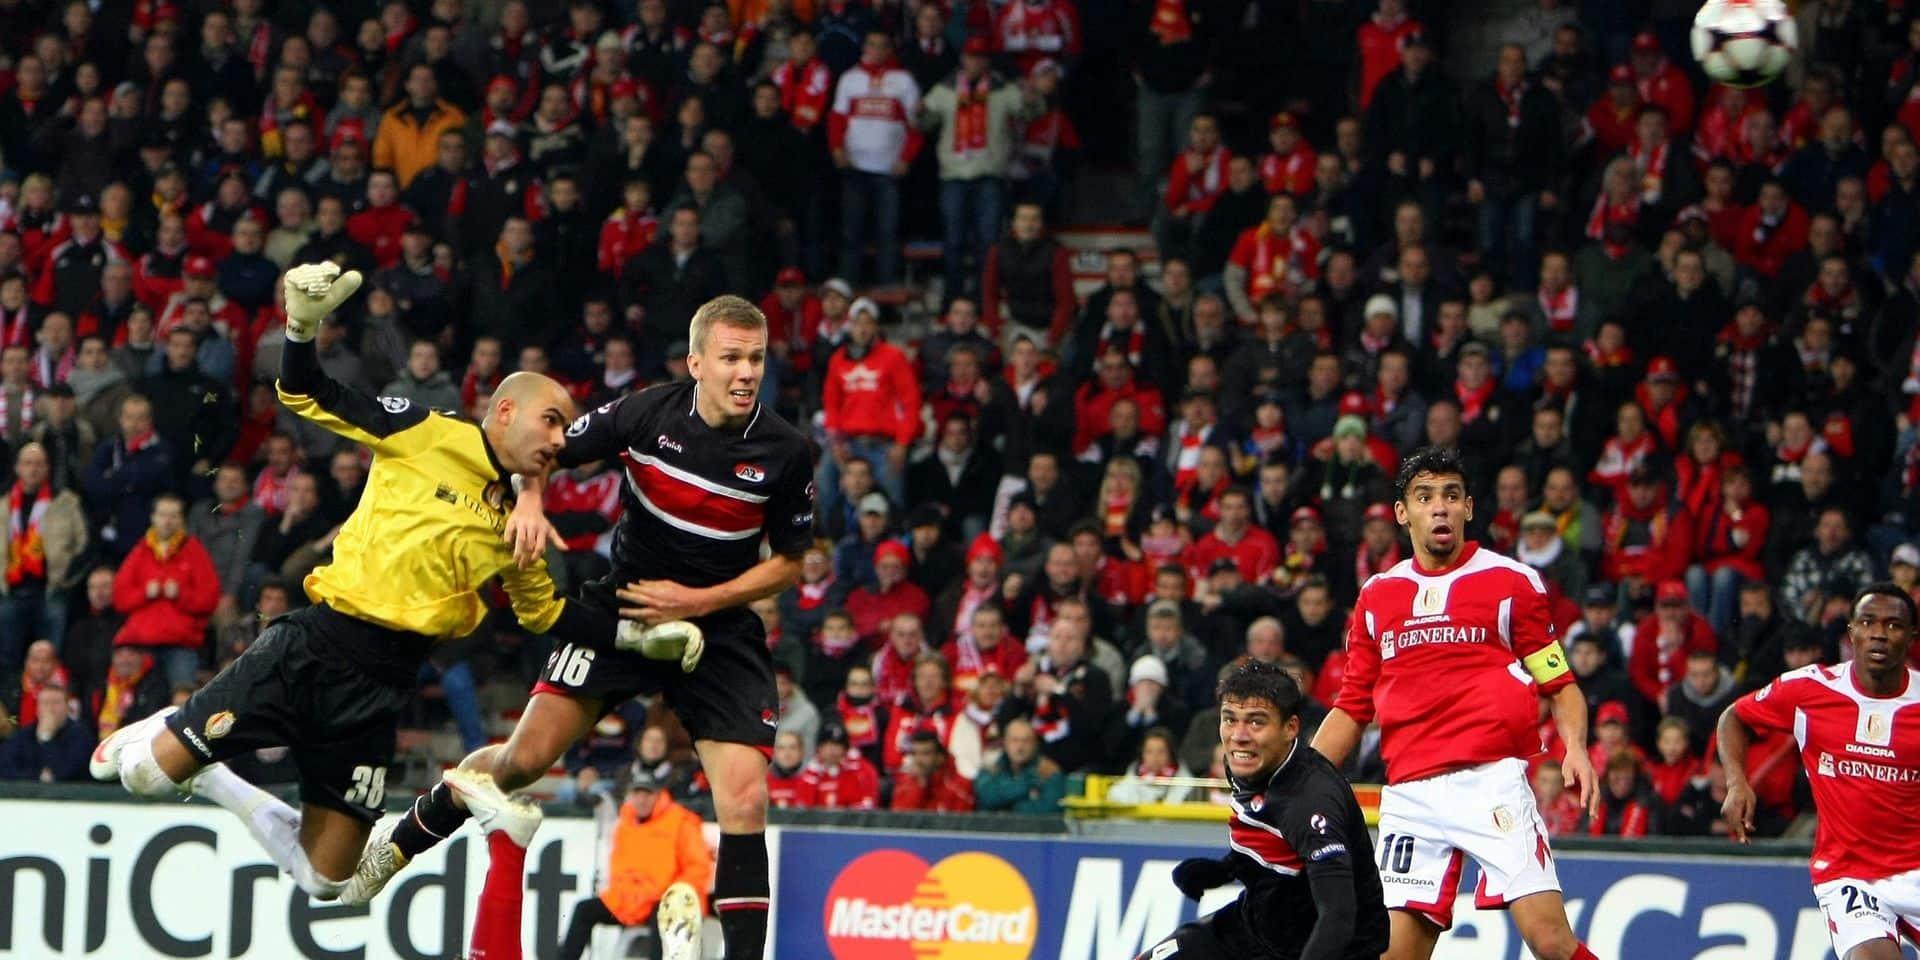 Il y a dix ans, Sinan Bolat faisait chavirer Sclessin en Ligue des Champions (VIDEO)